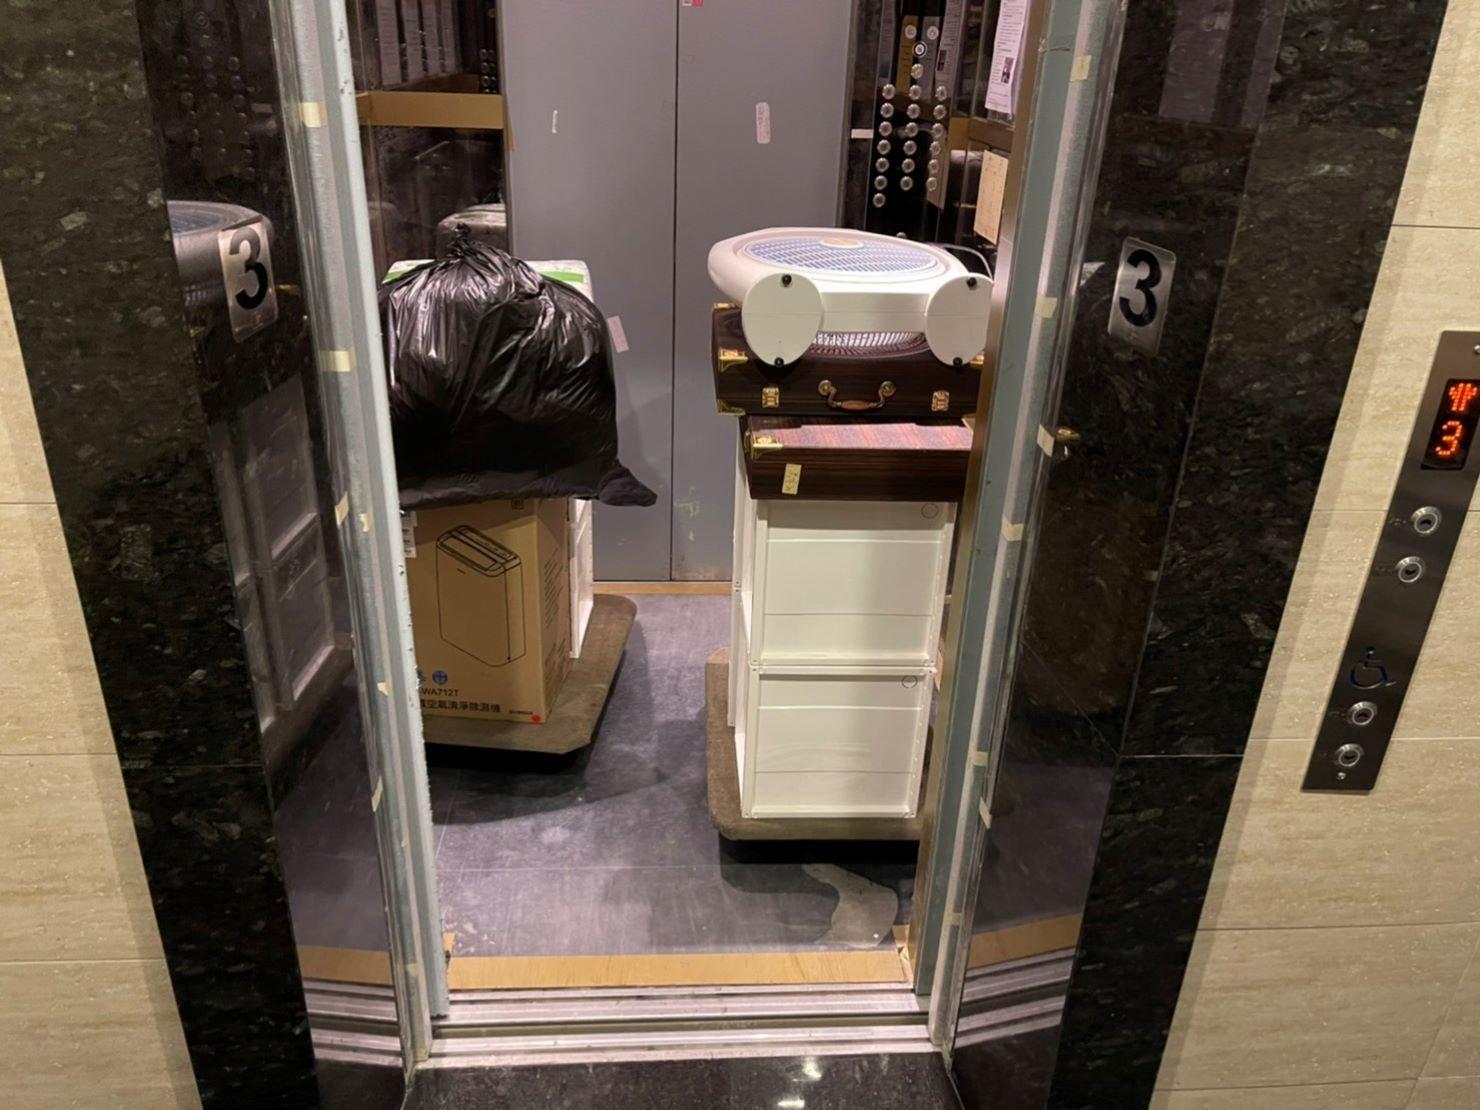 搬家公司推薦【榮福搬家公司】家庭搬家、精搬金庫、搬保險櫃、精搬魚缸、跨縣搬家、搬工派遣、搬床墊、搬冰箱、搬家具、搬家首選、吊掛搬運、吊家具搬運、台北搬家公司推薦:大台北搬家,精緻包裝搬運「細膩包裝、專業搬運、用心服務、以客為尊」是榮福搬家公司的宗旨與精神。歡迎立即來電02-2651-2727專人服務。